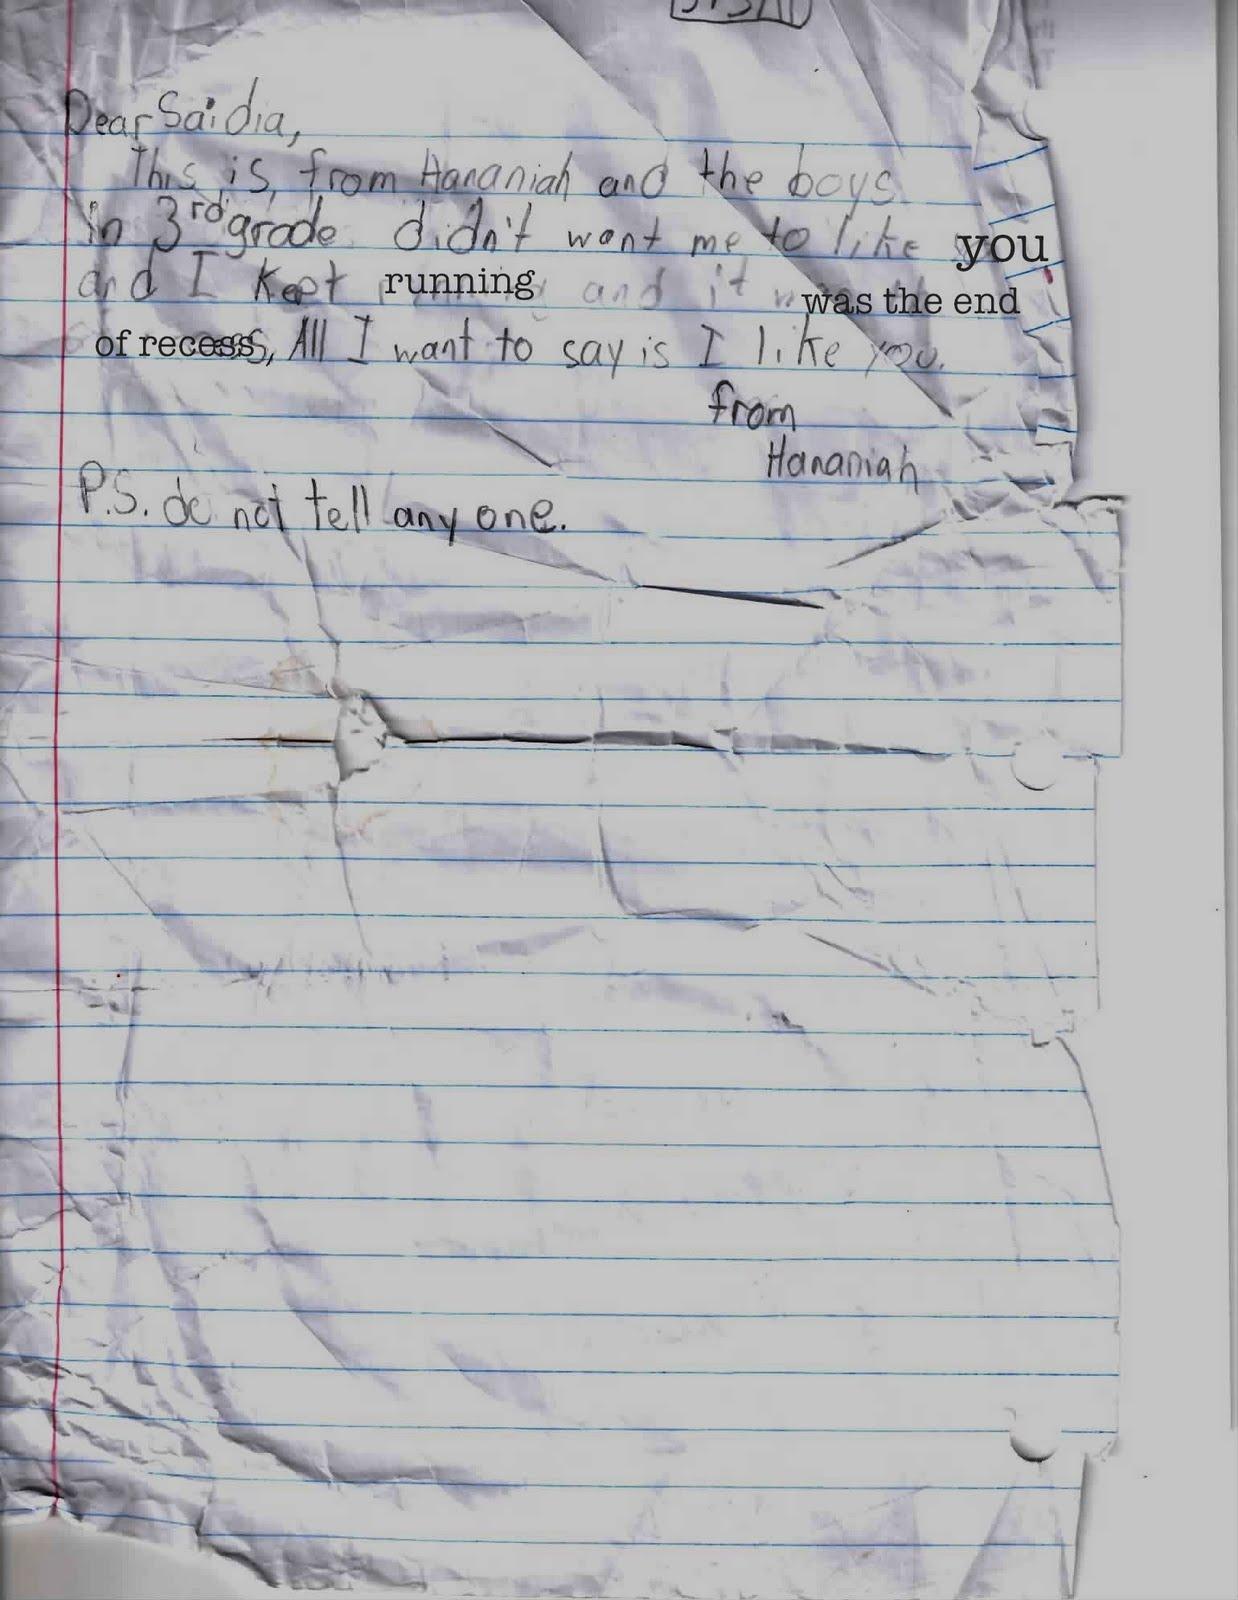 glow  u00e9tiquette  boys who write love letters